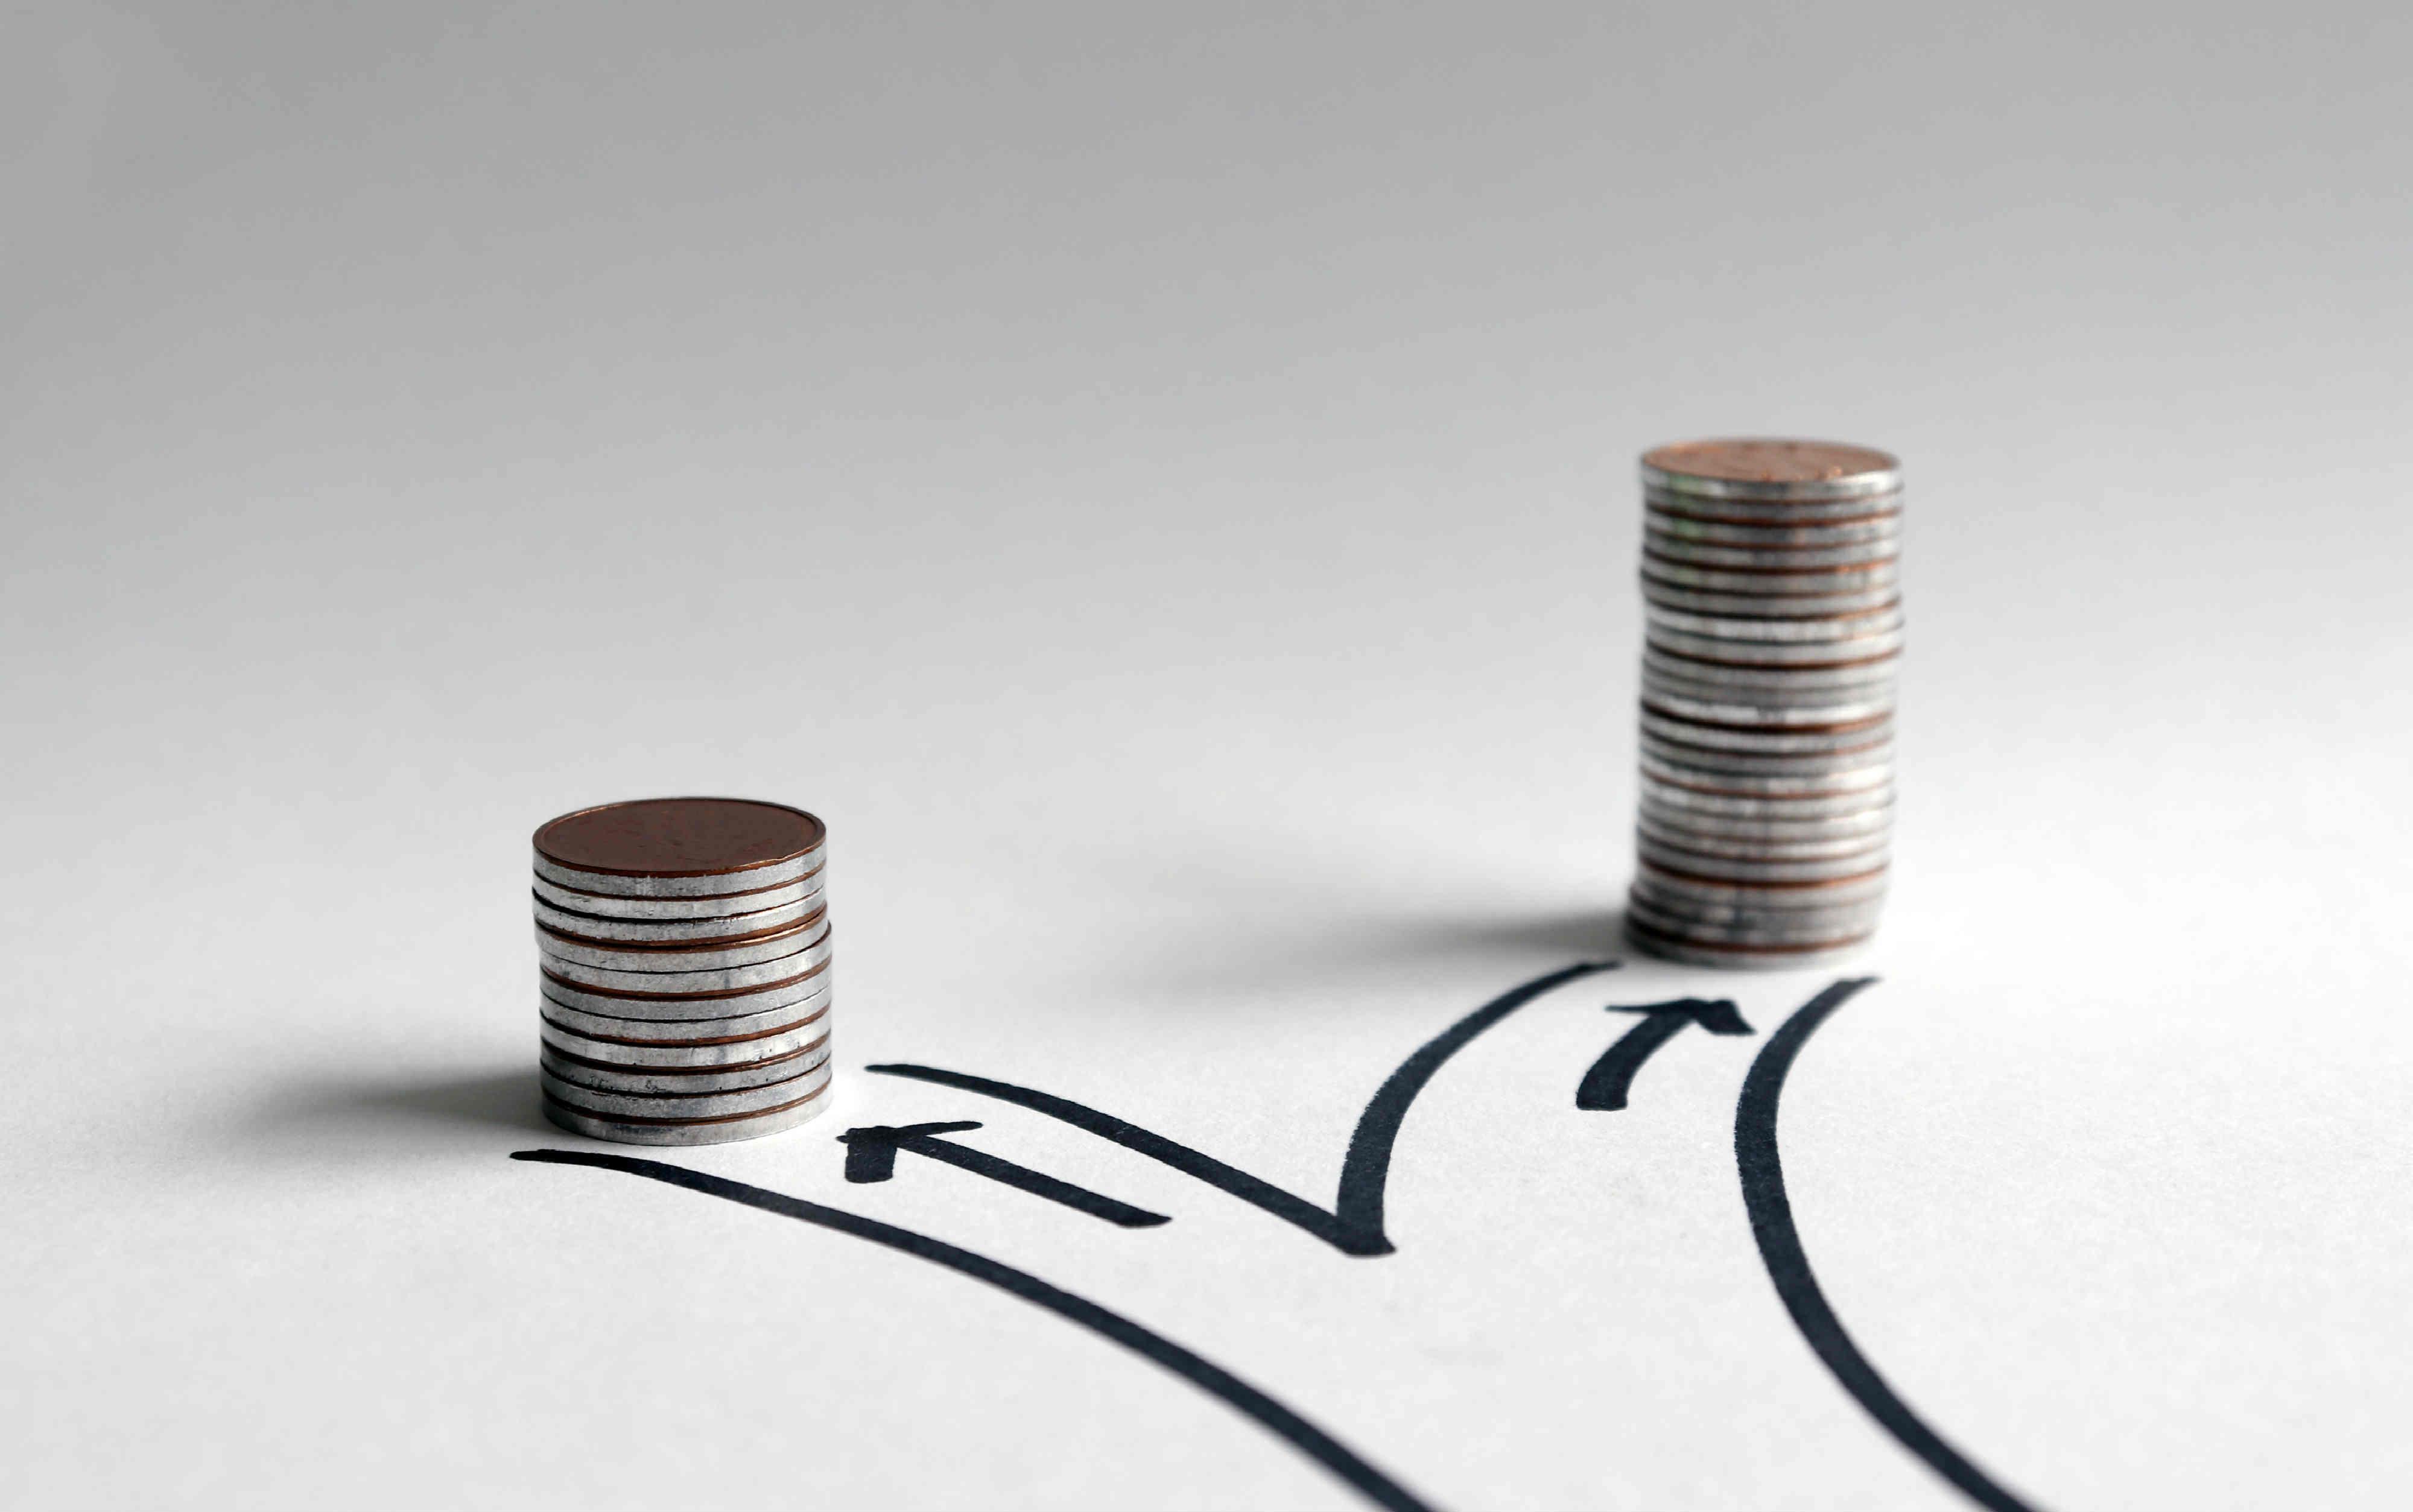 MNP契約と新規契約の違いとは?どっちがお得?